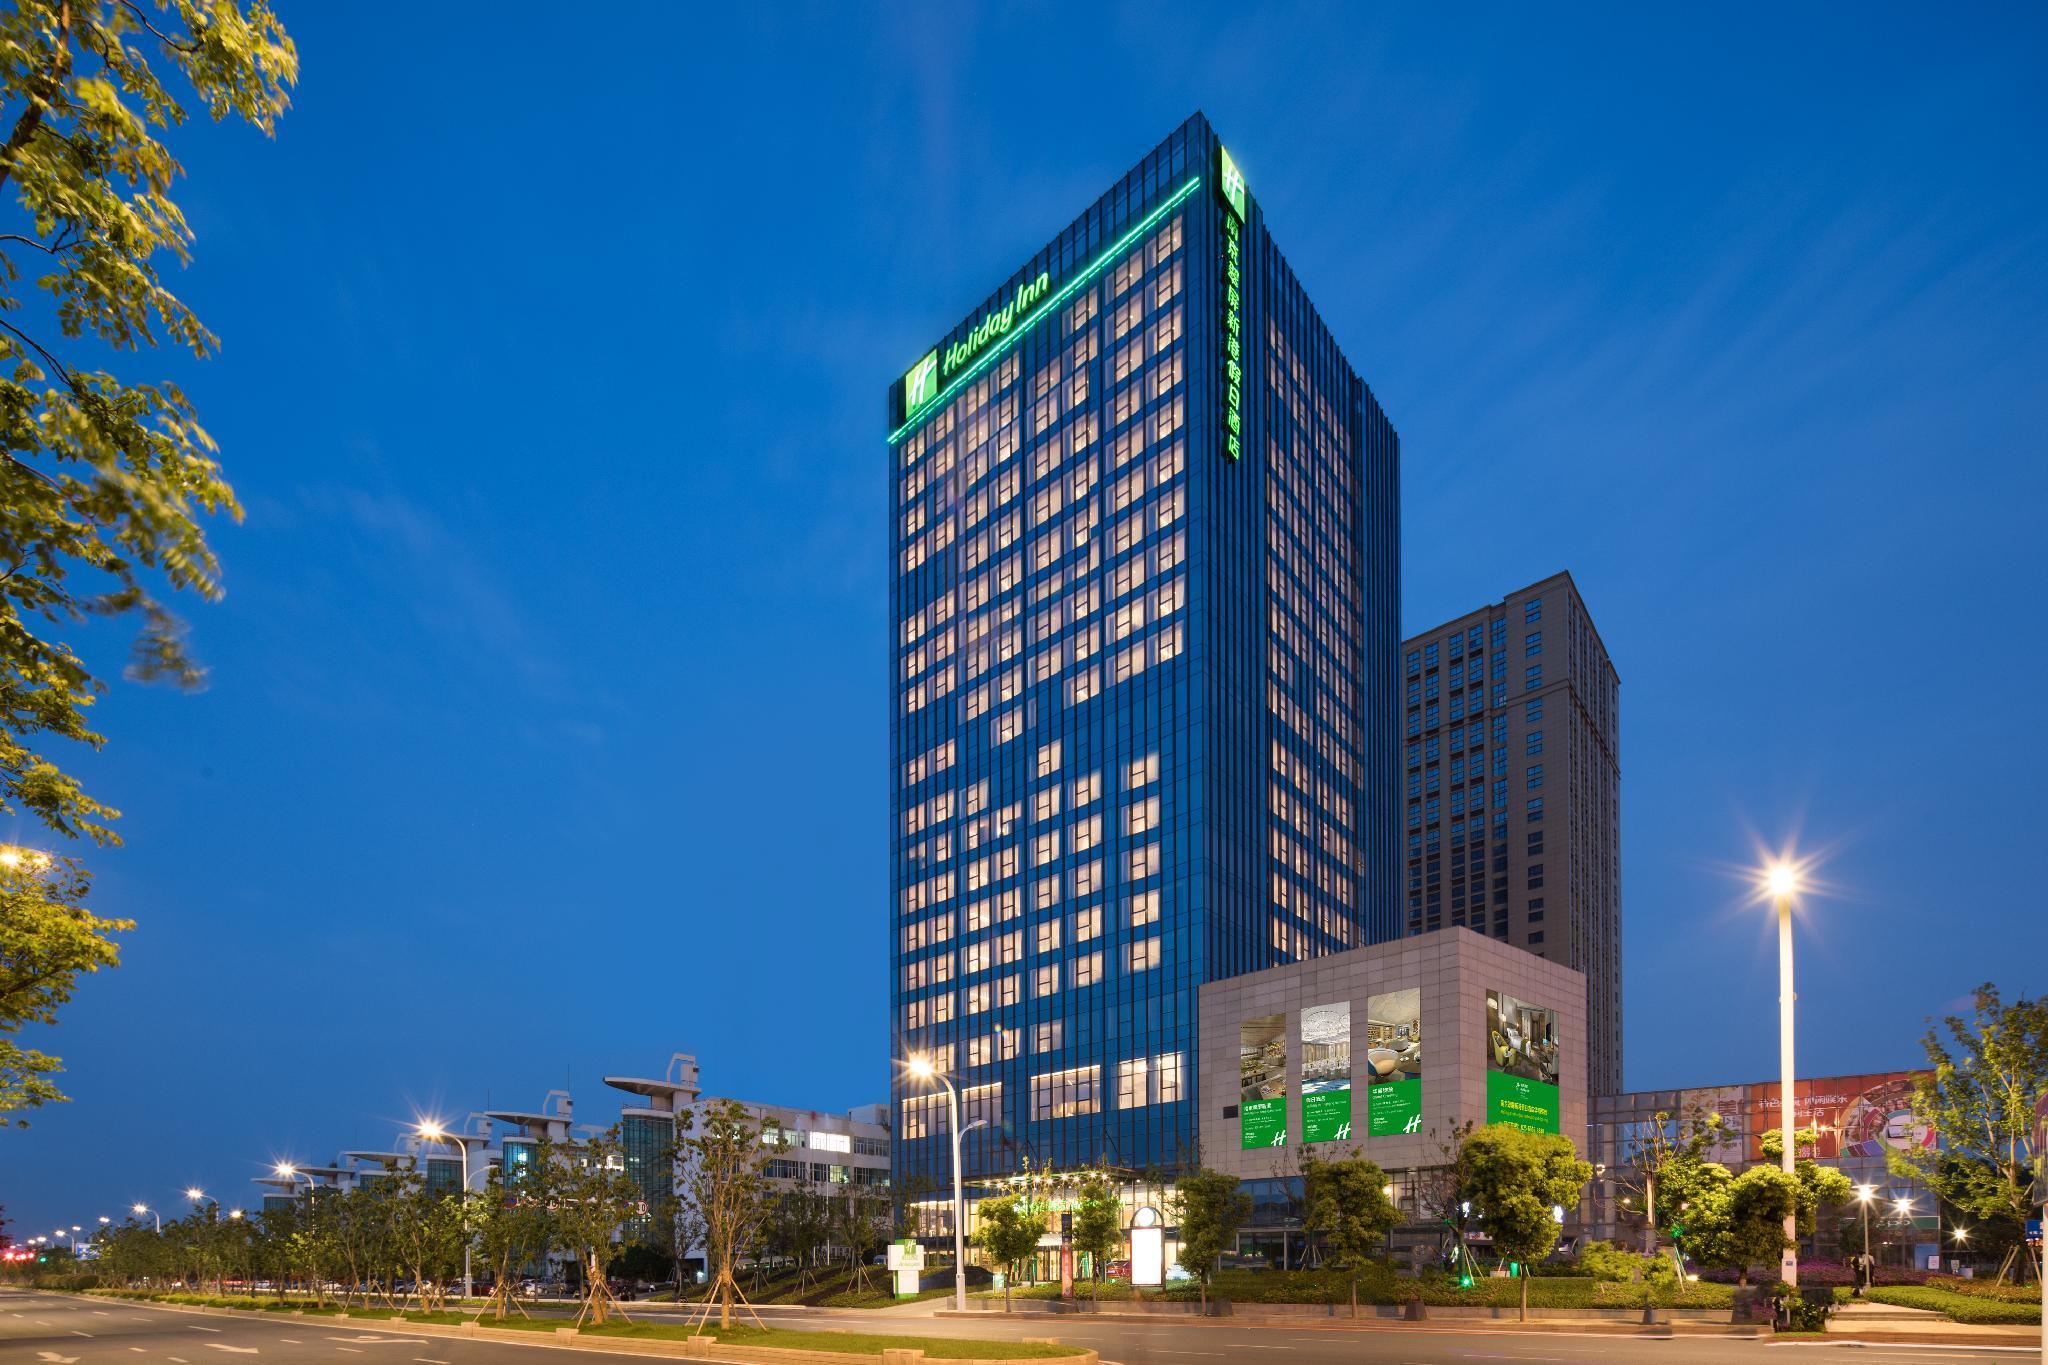 Holiday Inn Nanjing Harbour